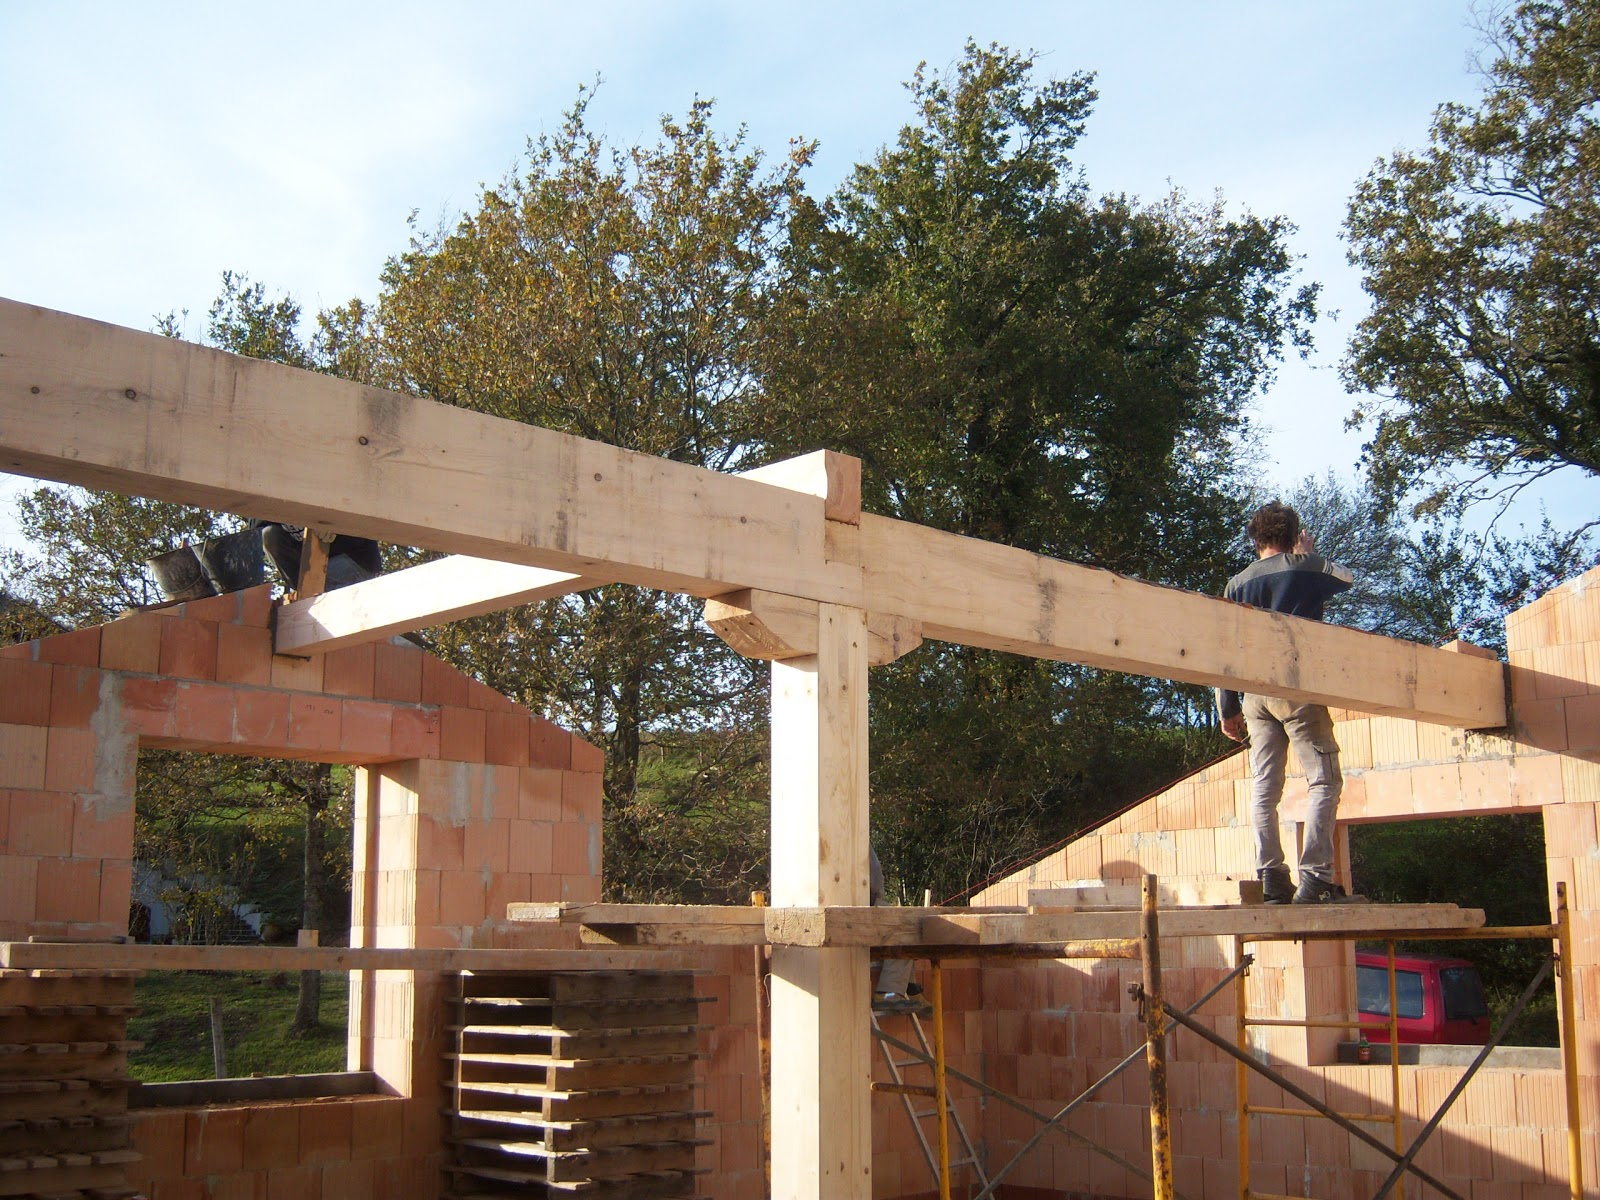 Andocarpinteando tejado con aislante de fibras de madera for Tejados de madera carpinteria